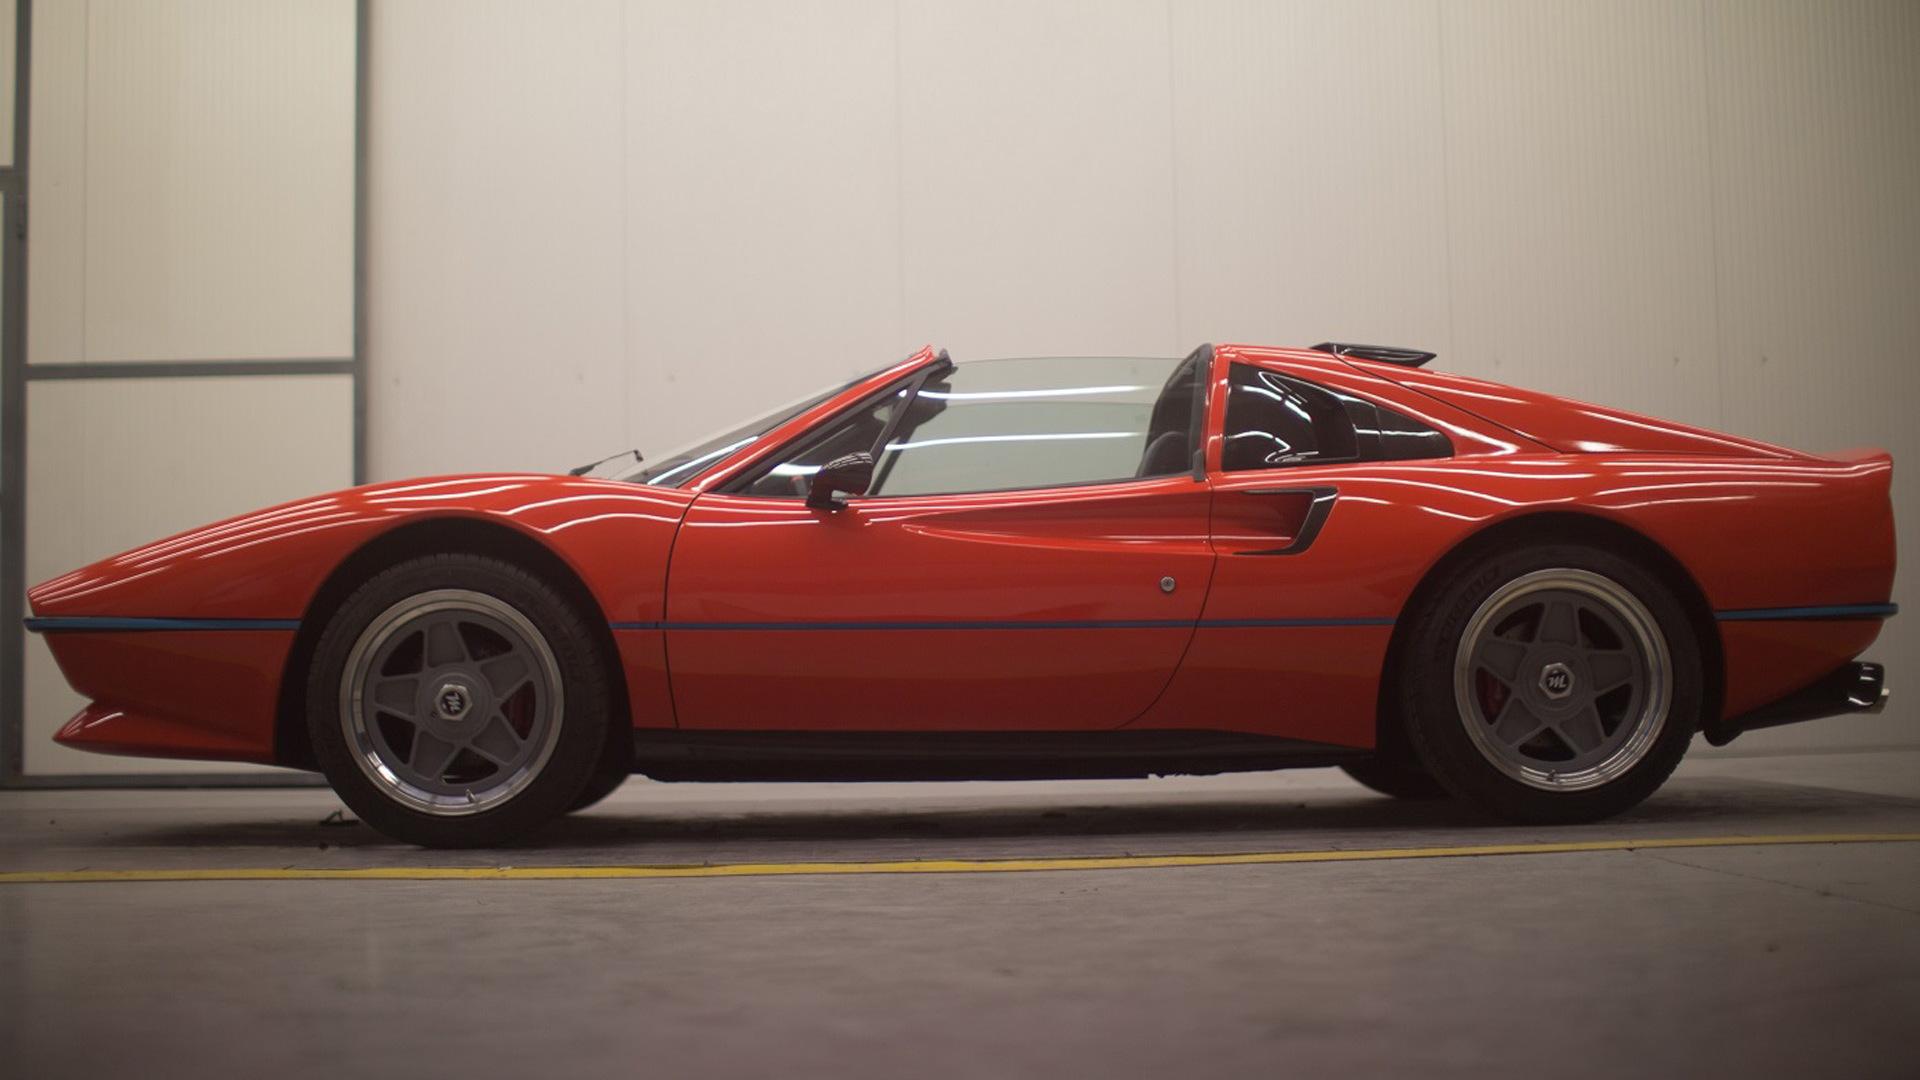 Maggiore 308M based on the Ferrari 308